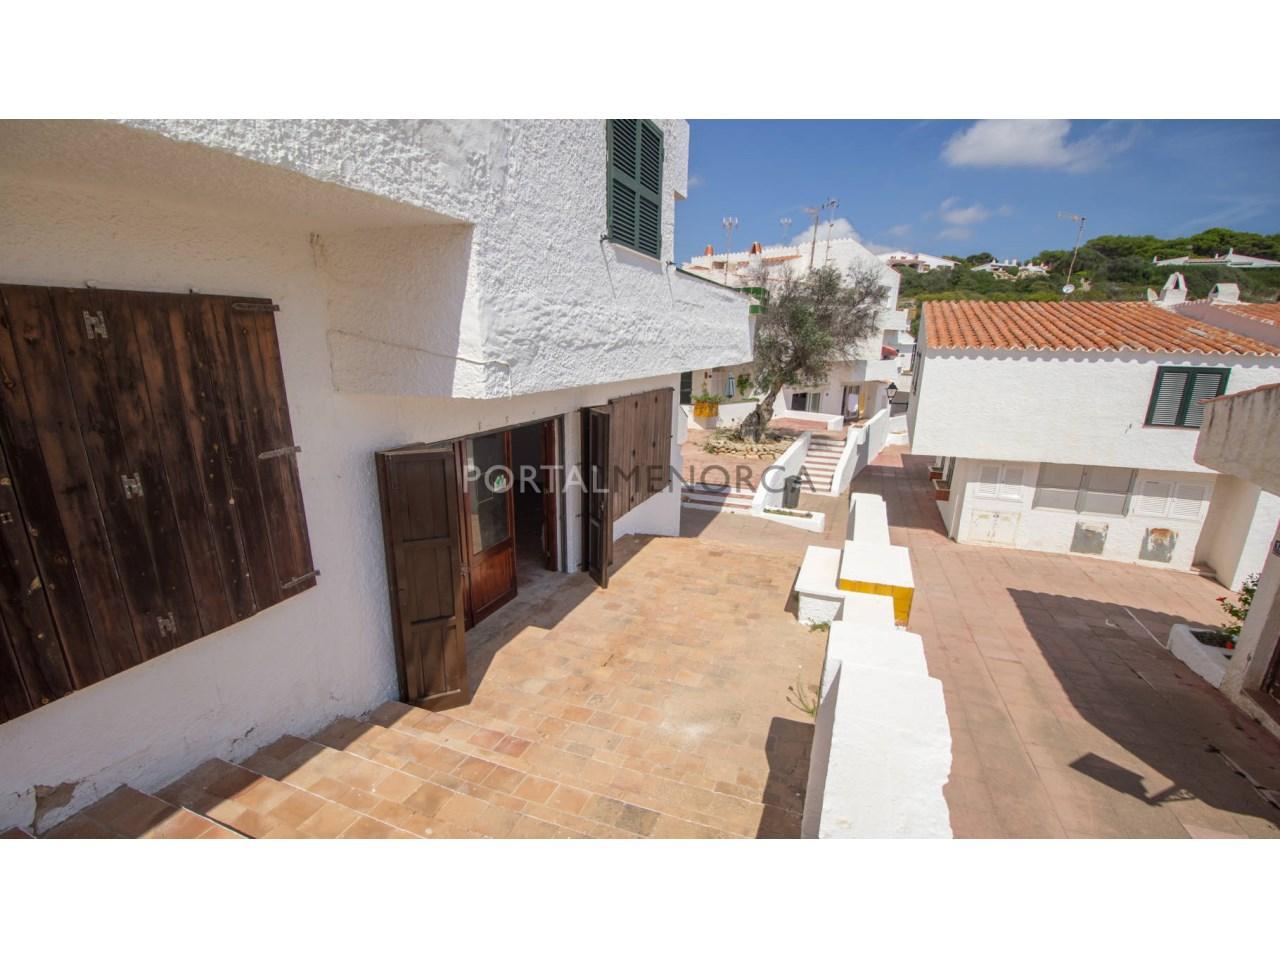 Apartemento en venta cerca del mar en Menorca